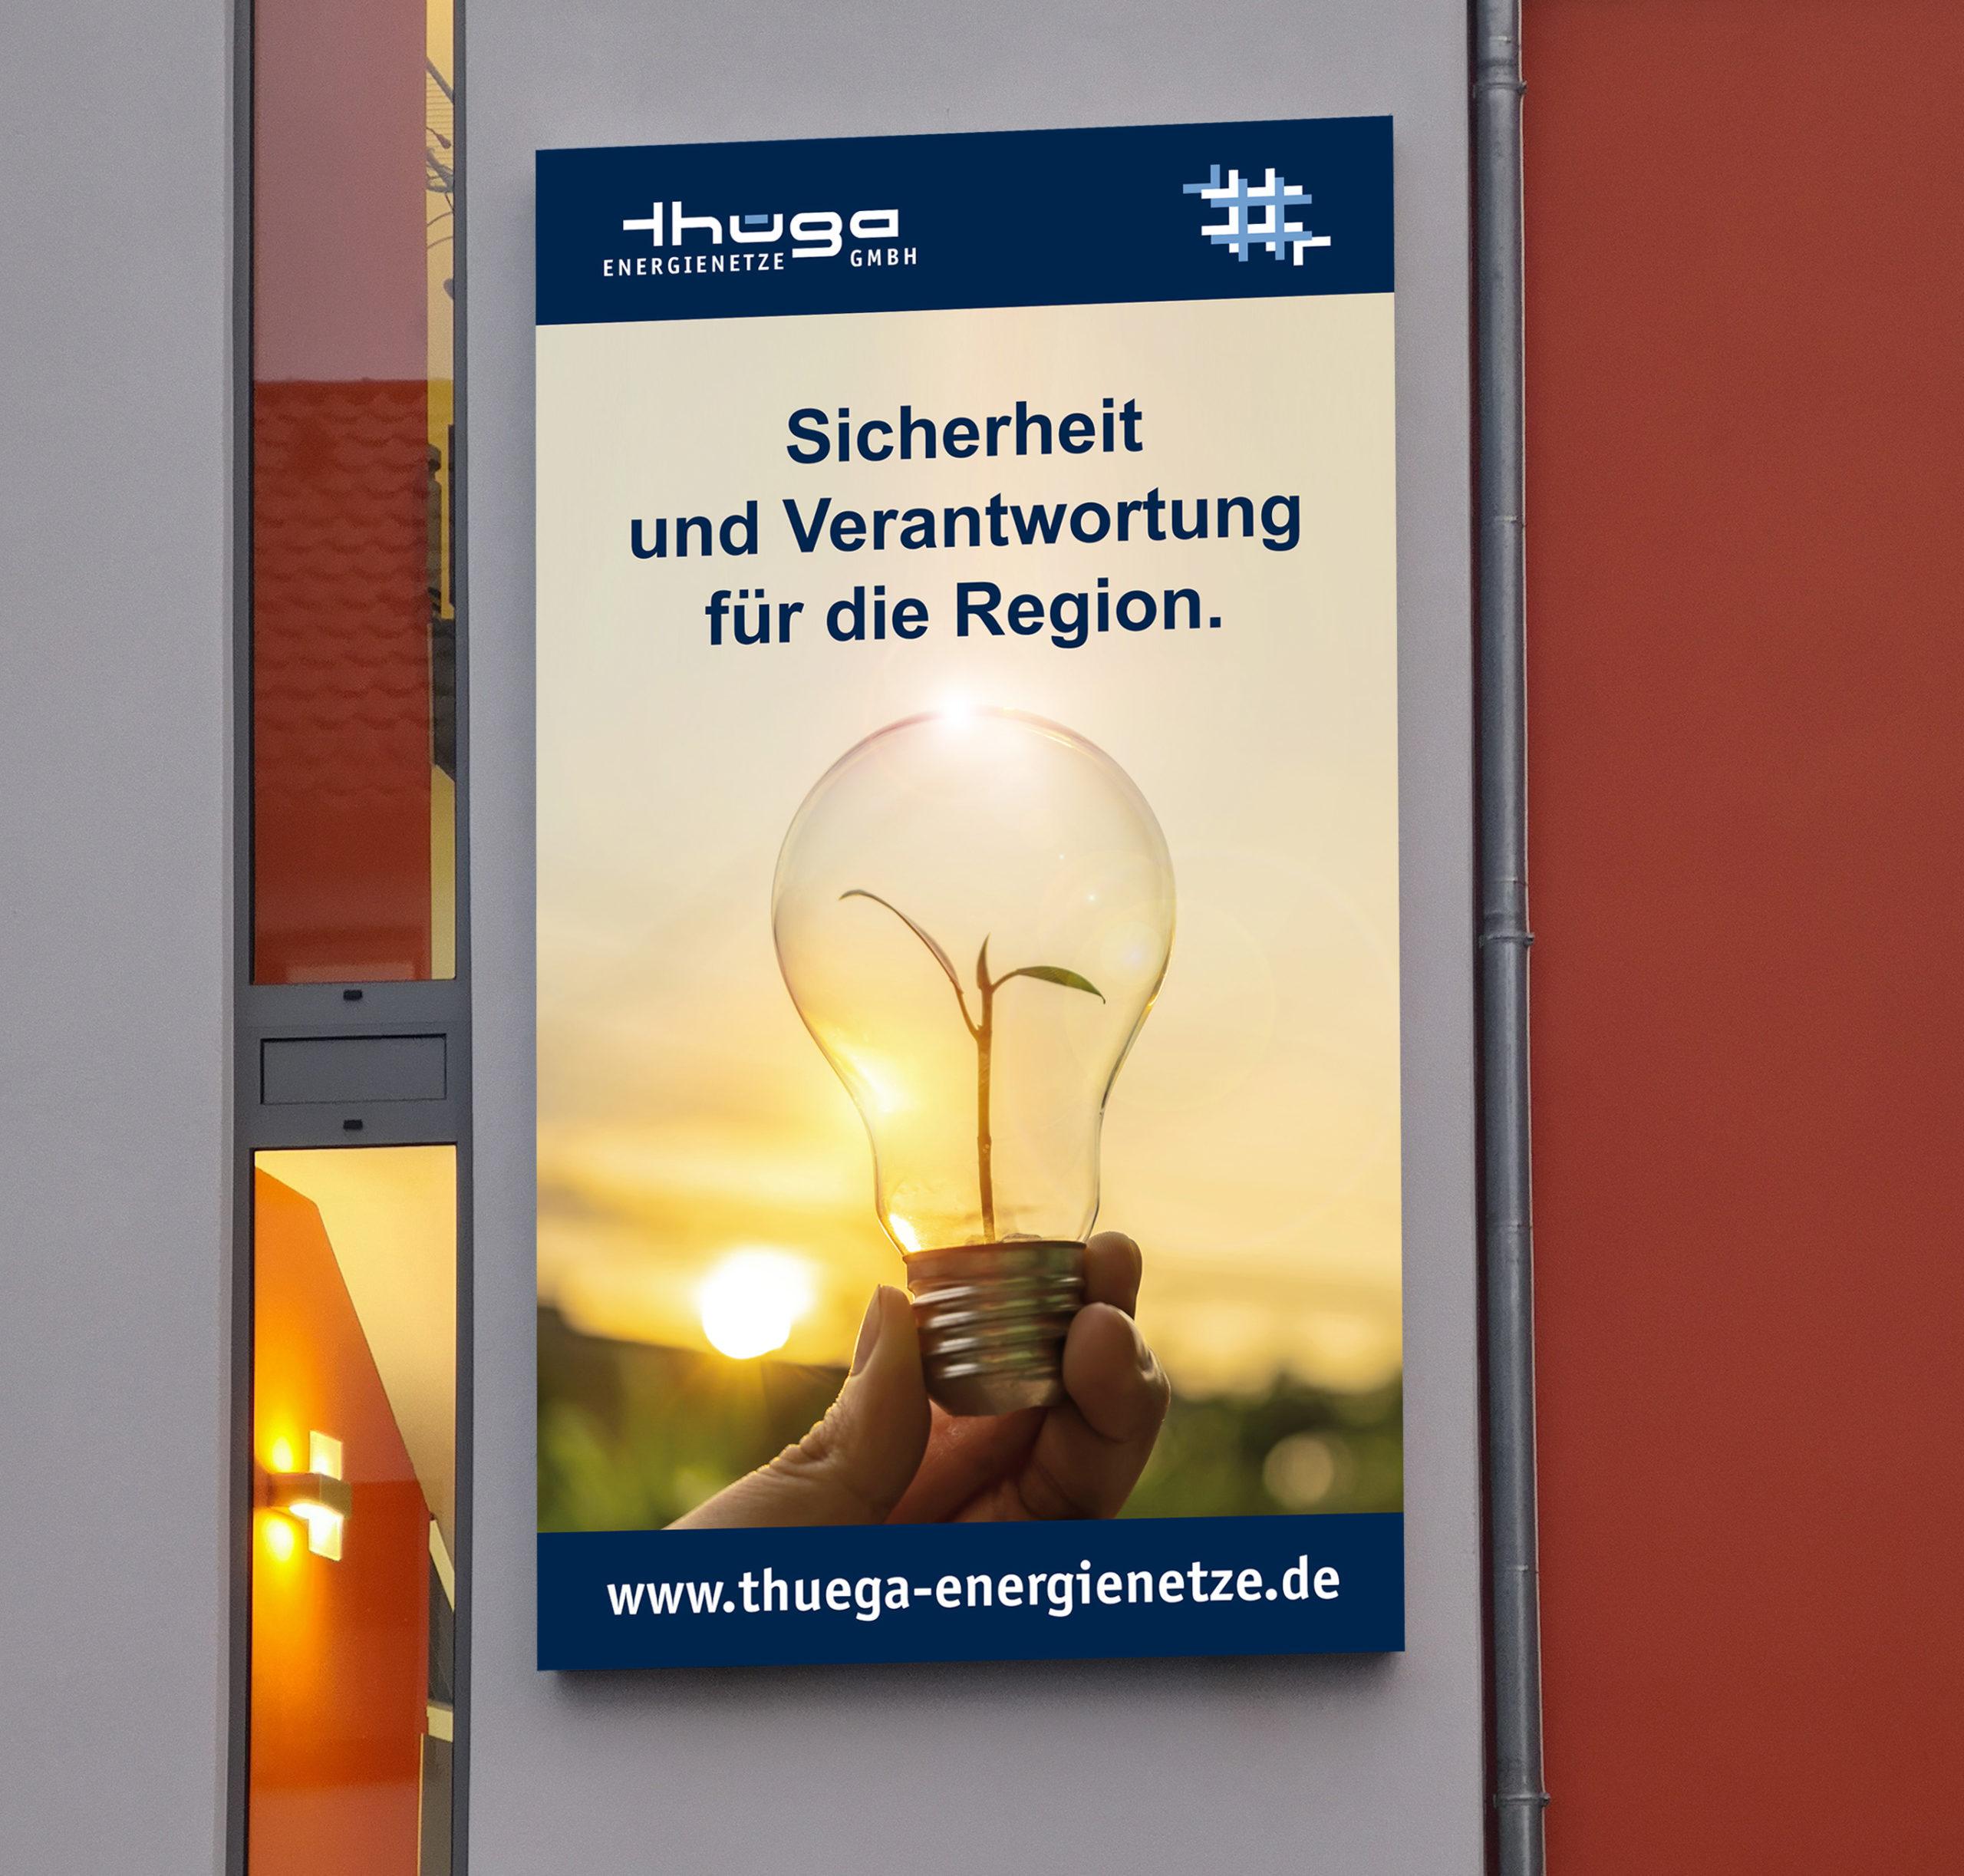 STZ Agentur Reutlingen für Digitale Medien, Design, Marketing